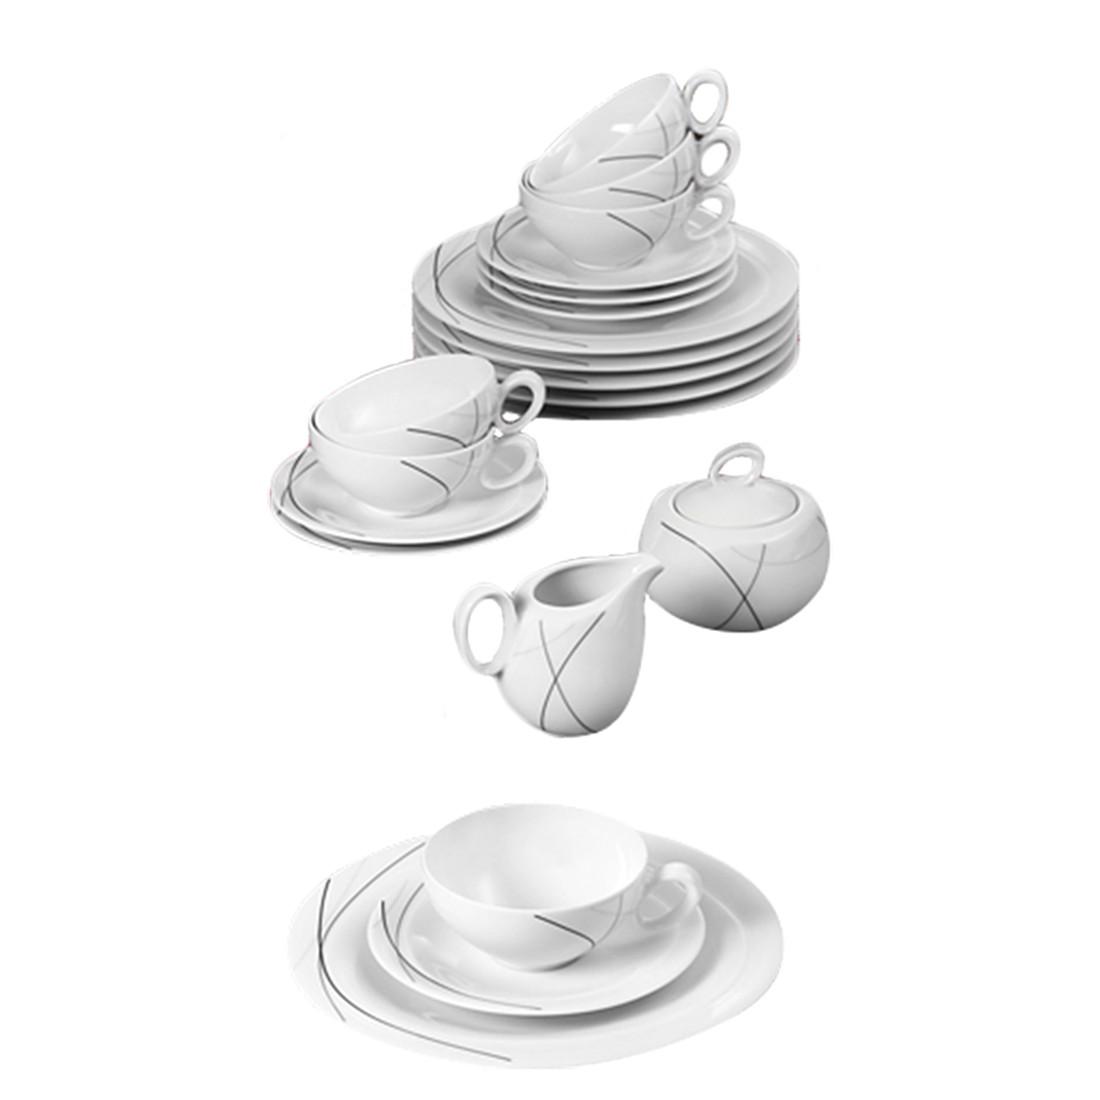 Teeservice Trio Highline (20-teilig), Seltmann Weiden günstig bestellen